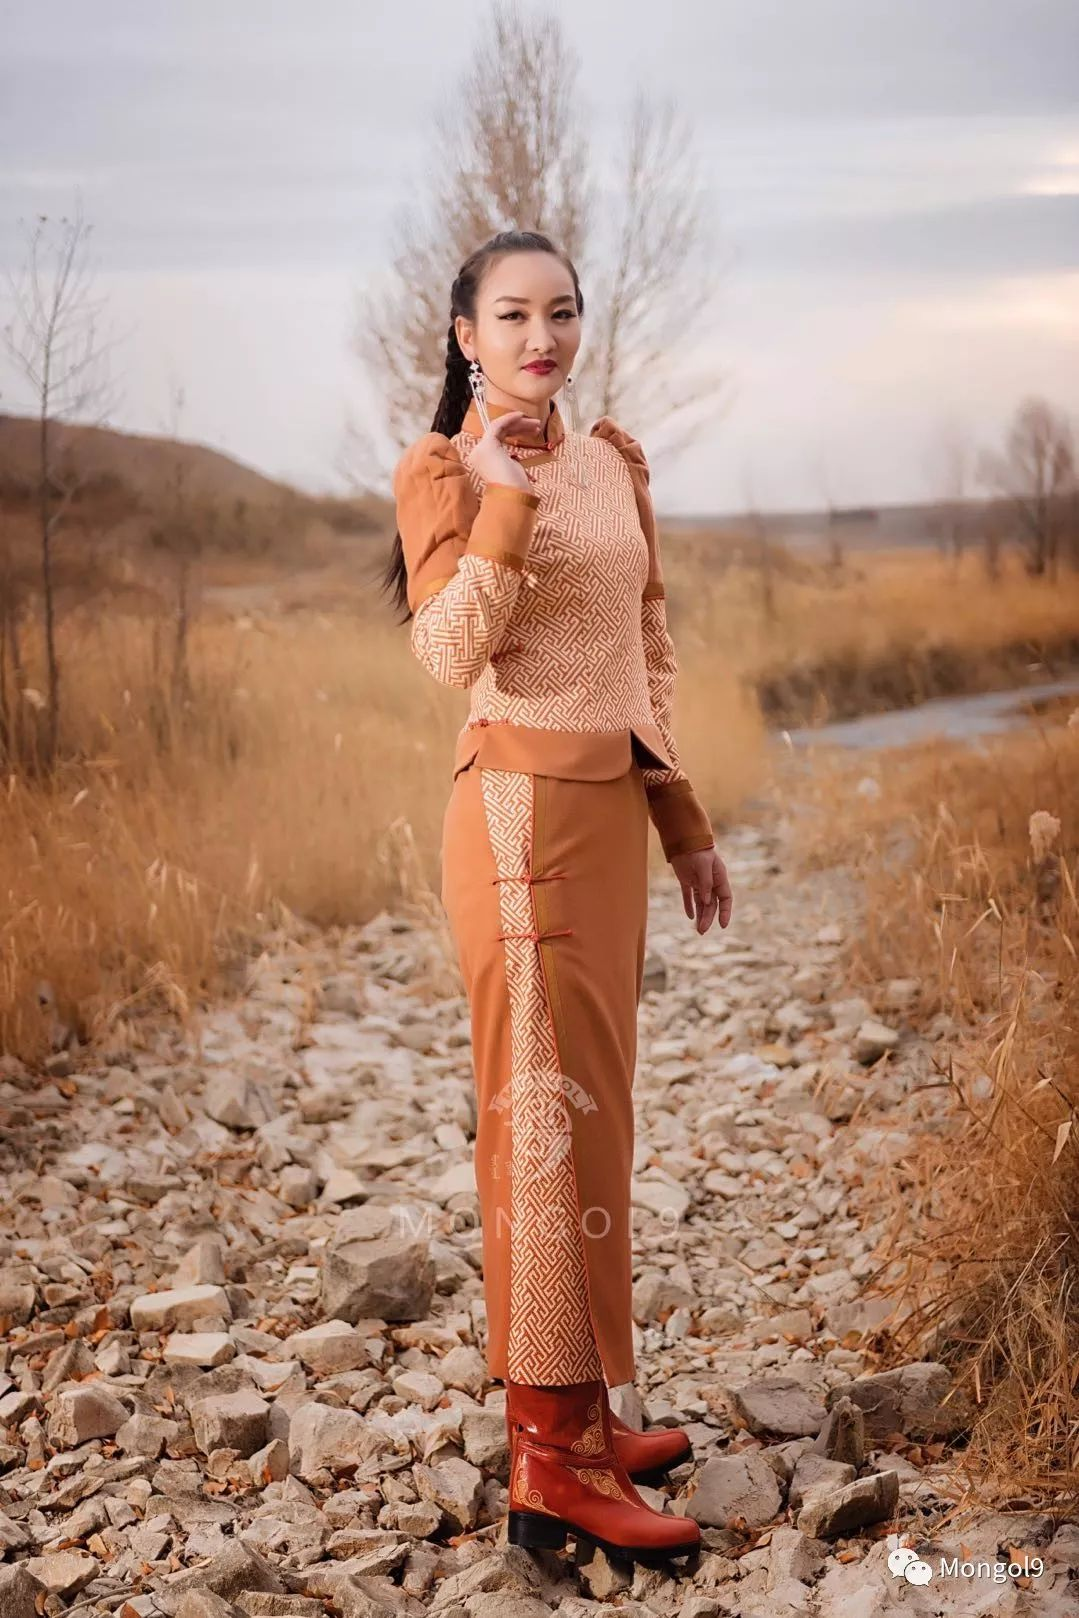 为我的蒙古闺蜜们而设计 第12张 为我的蒙古闺蜜们而设计 蒙古服饰